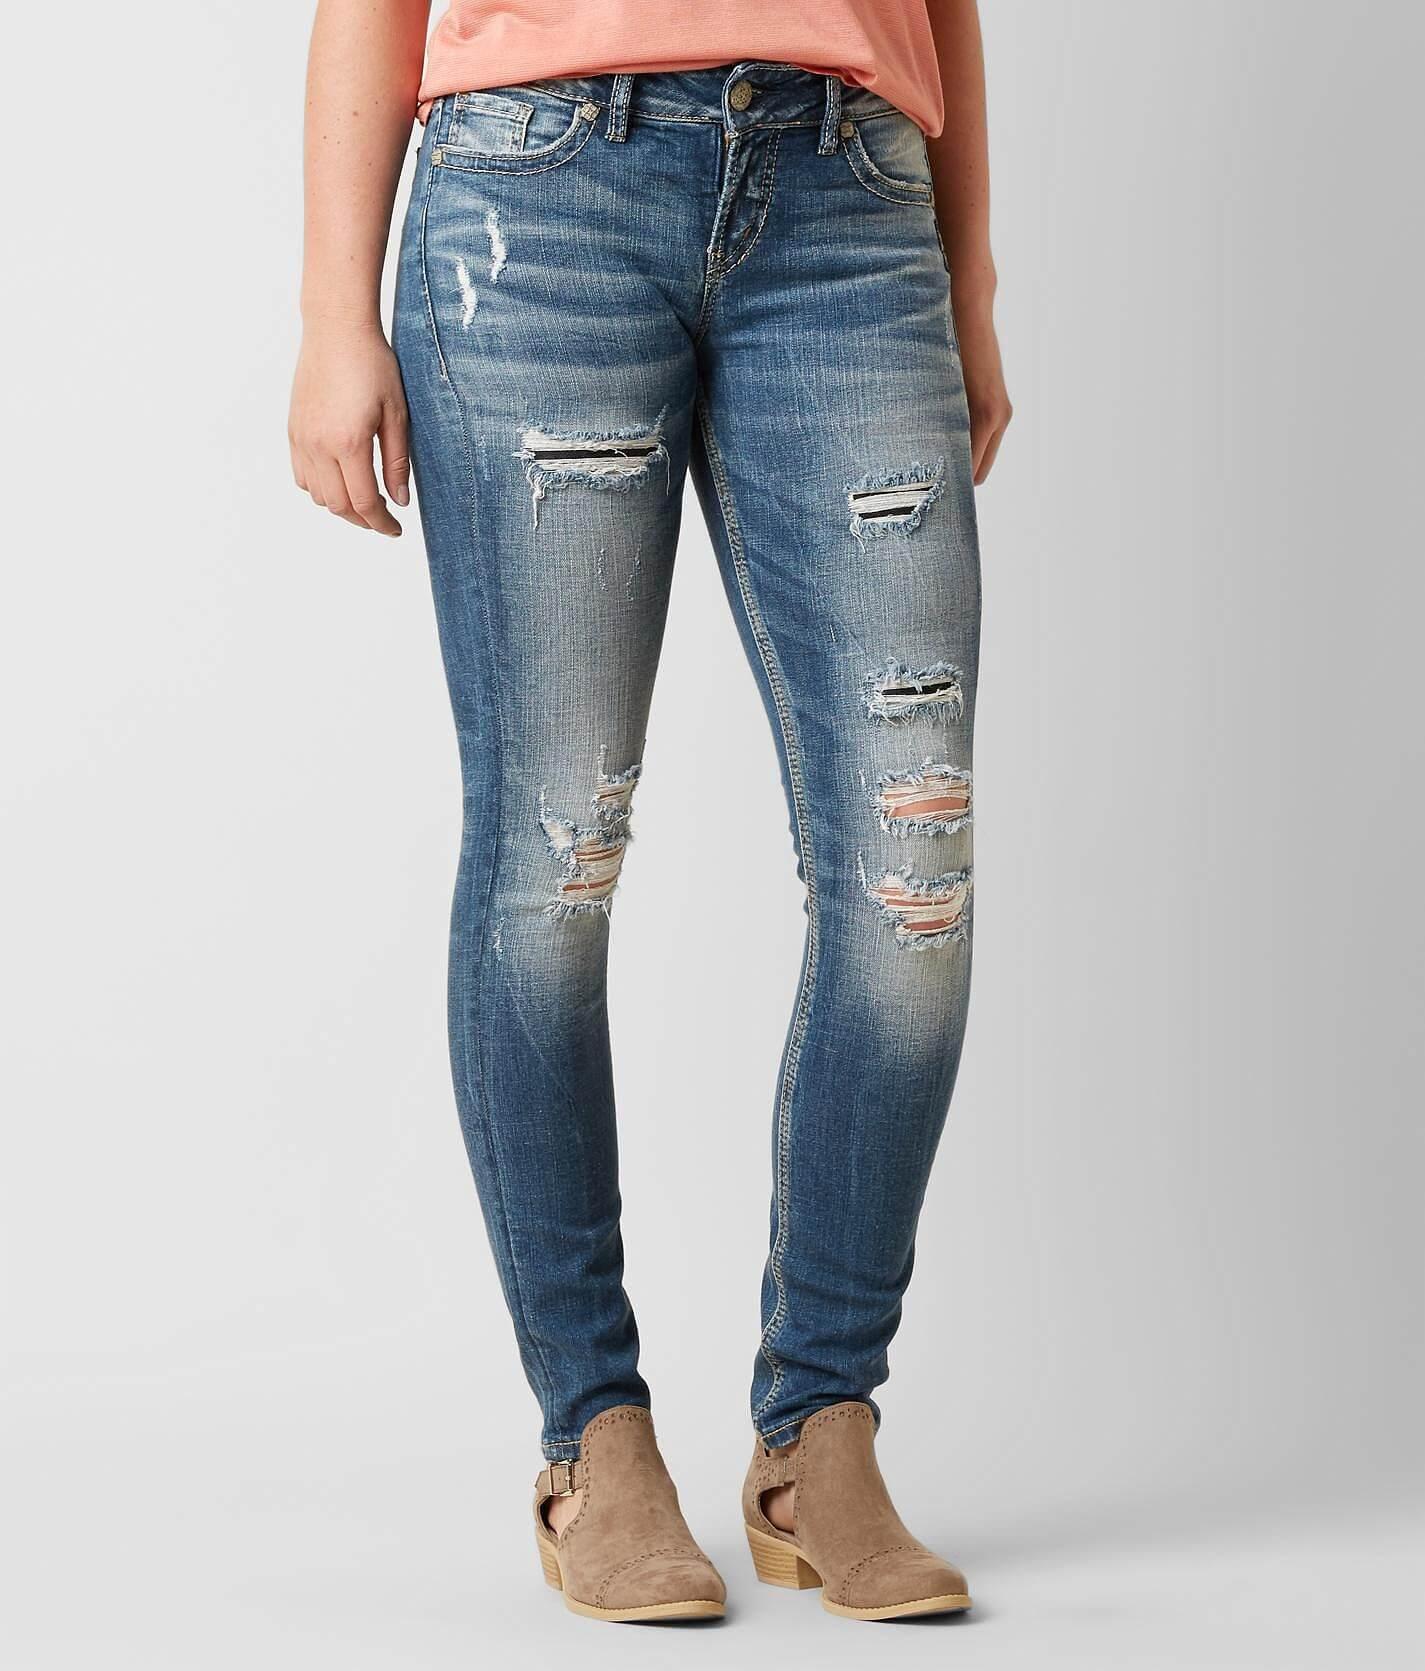 Silver Jeans for Women: Silver Women&39s Denim Jeans  Buckle